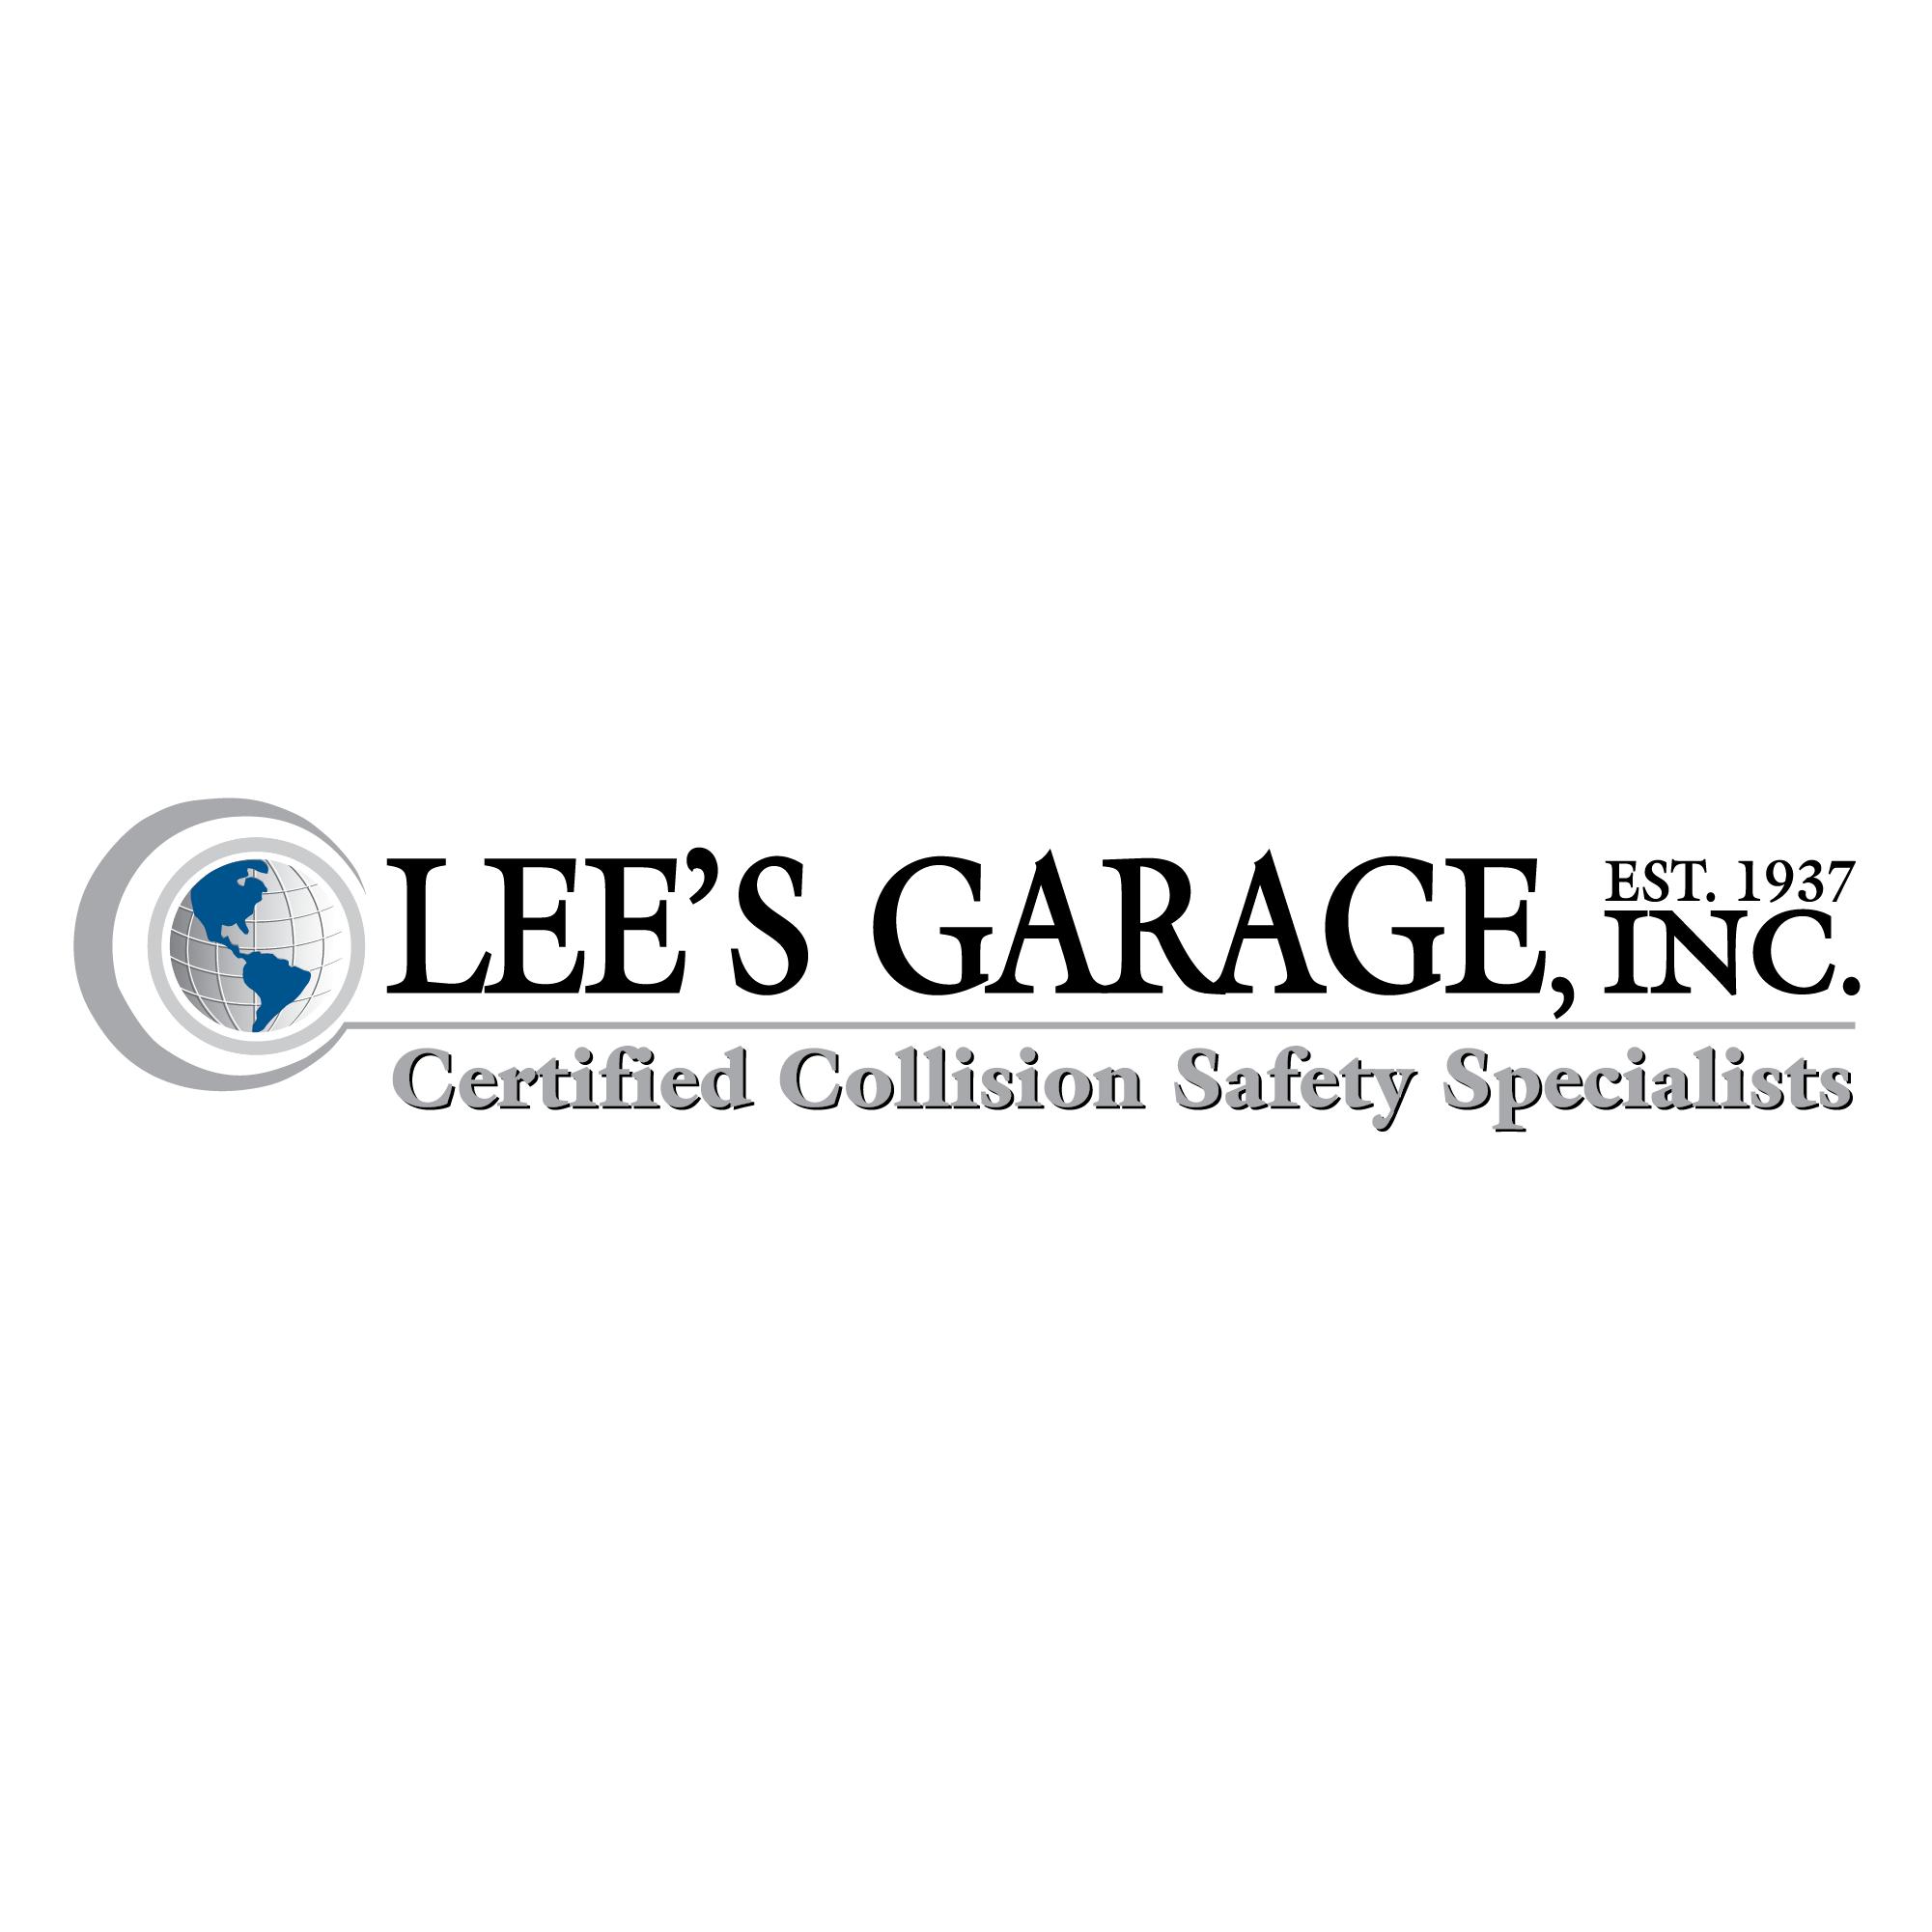 Lee's Garage